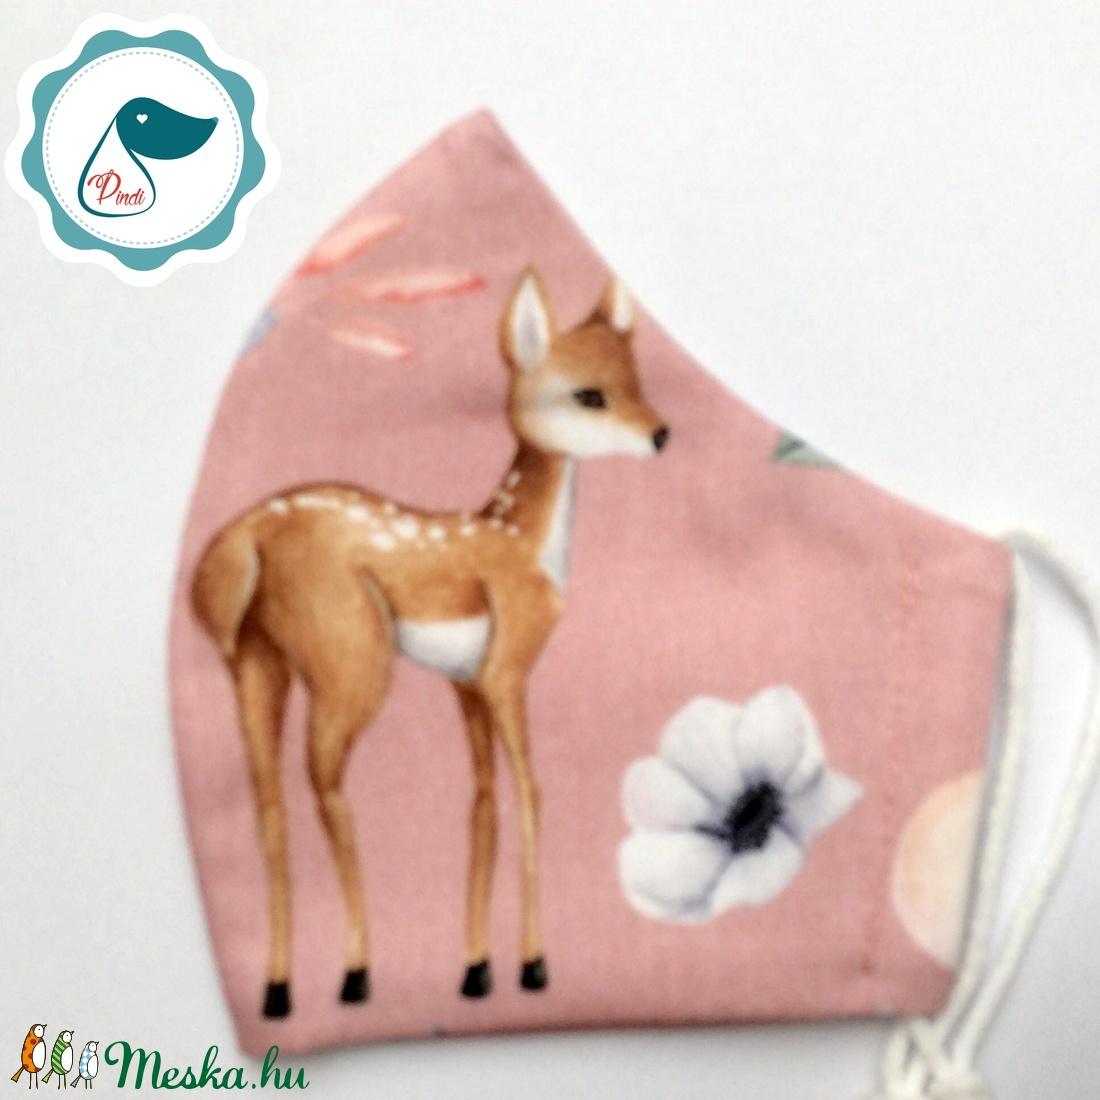 Egyedi őzikés maszk - kiskamasz arcmaszk - prémium textil szájmaszk - egészségügyi szájmaszk - mosható szájmaszk - maszk, arcmaszk - gyerek - Meska.hu